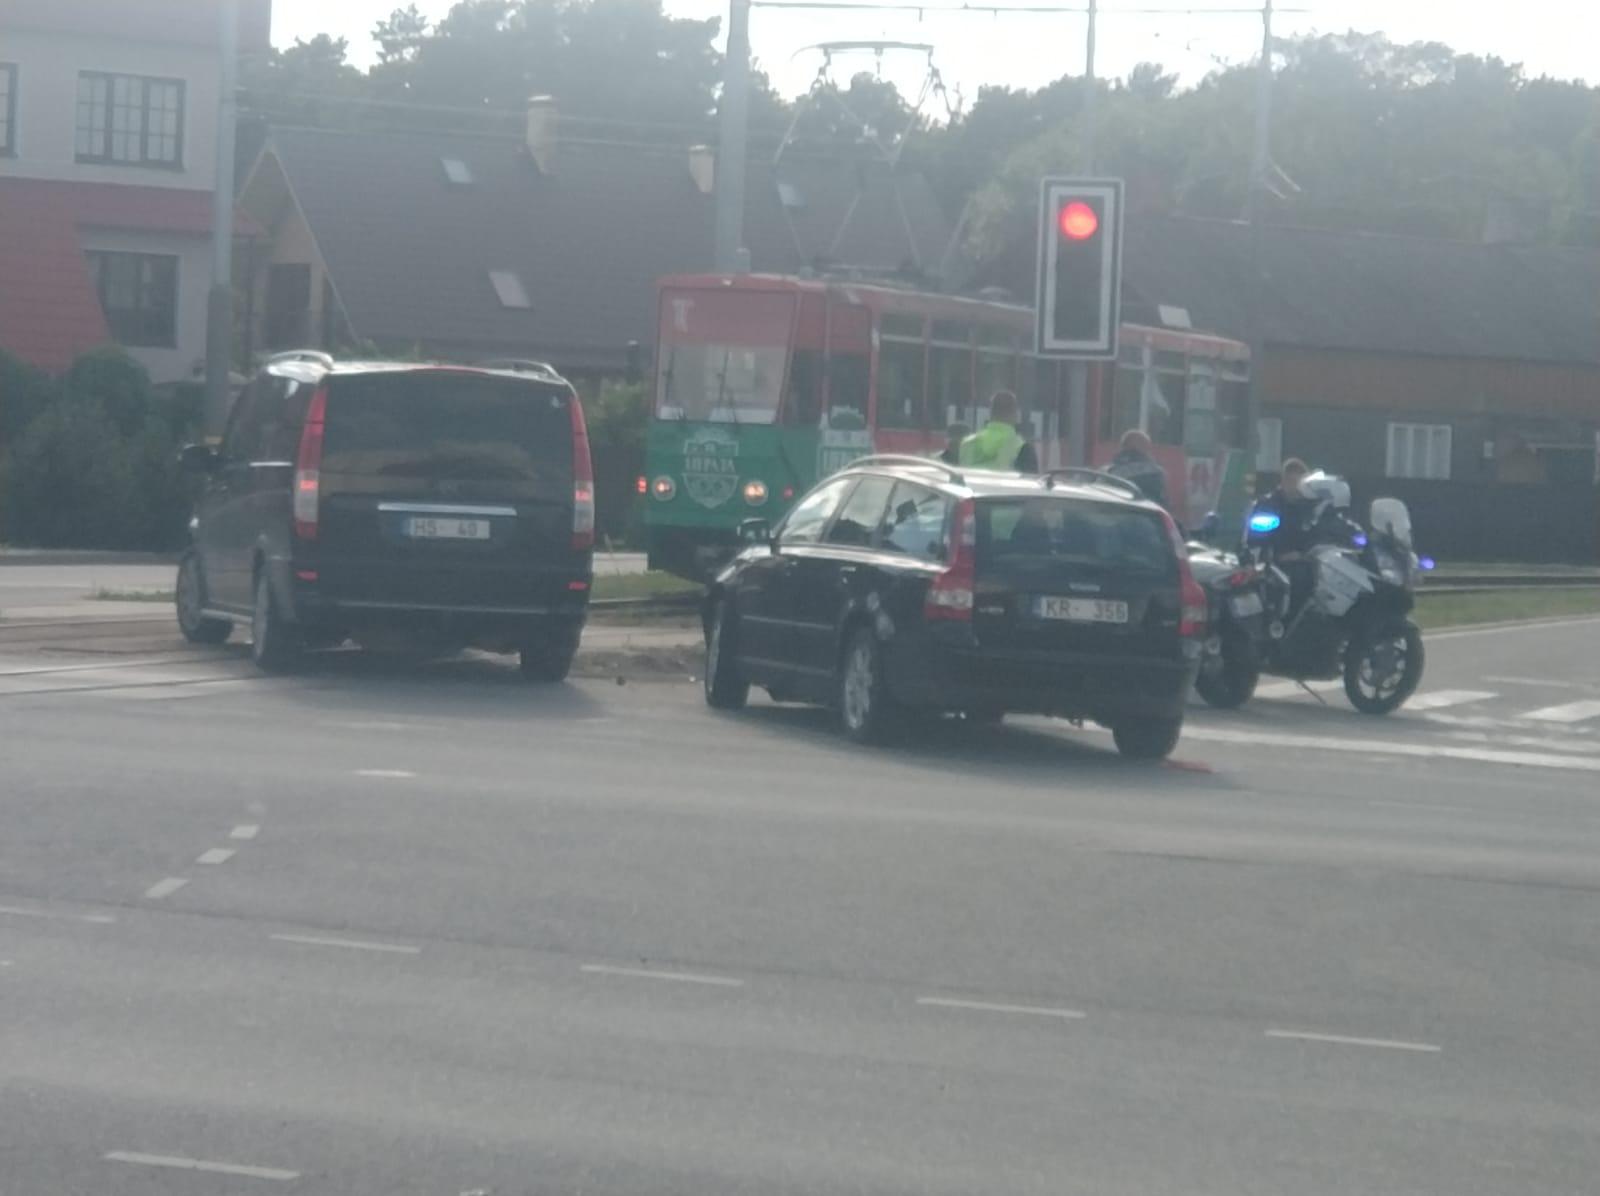 M. Ķempes un Ganību ielas krustojumā notikusi divu automašīnu sadursme